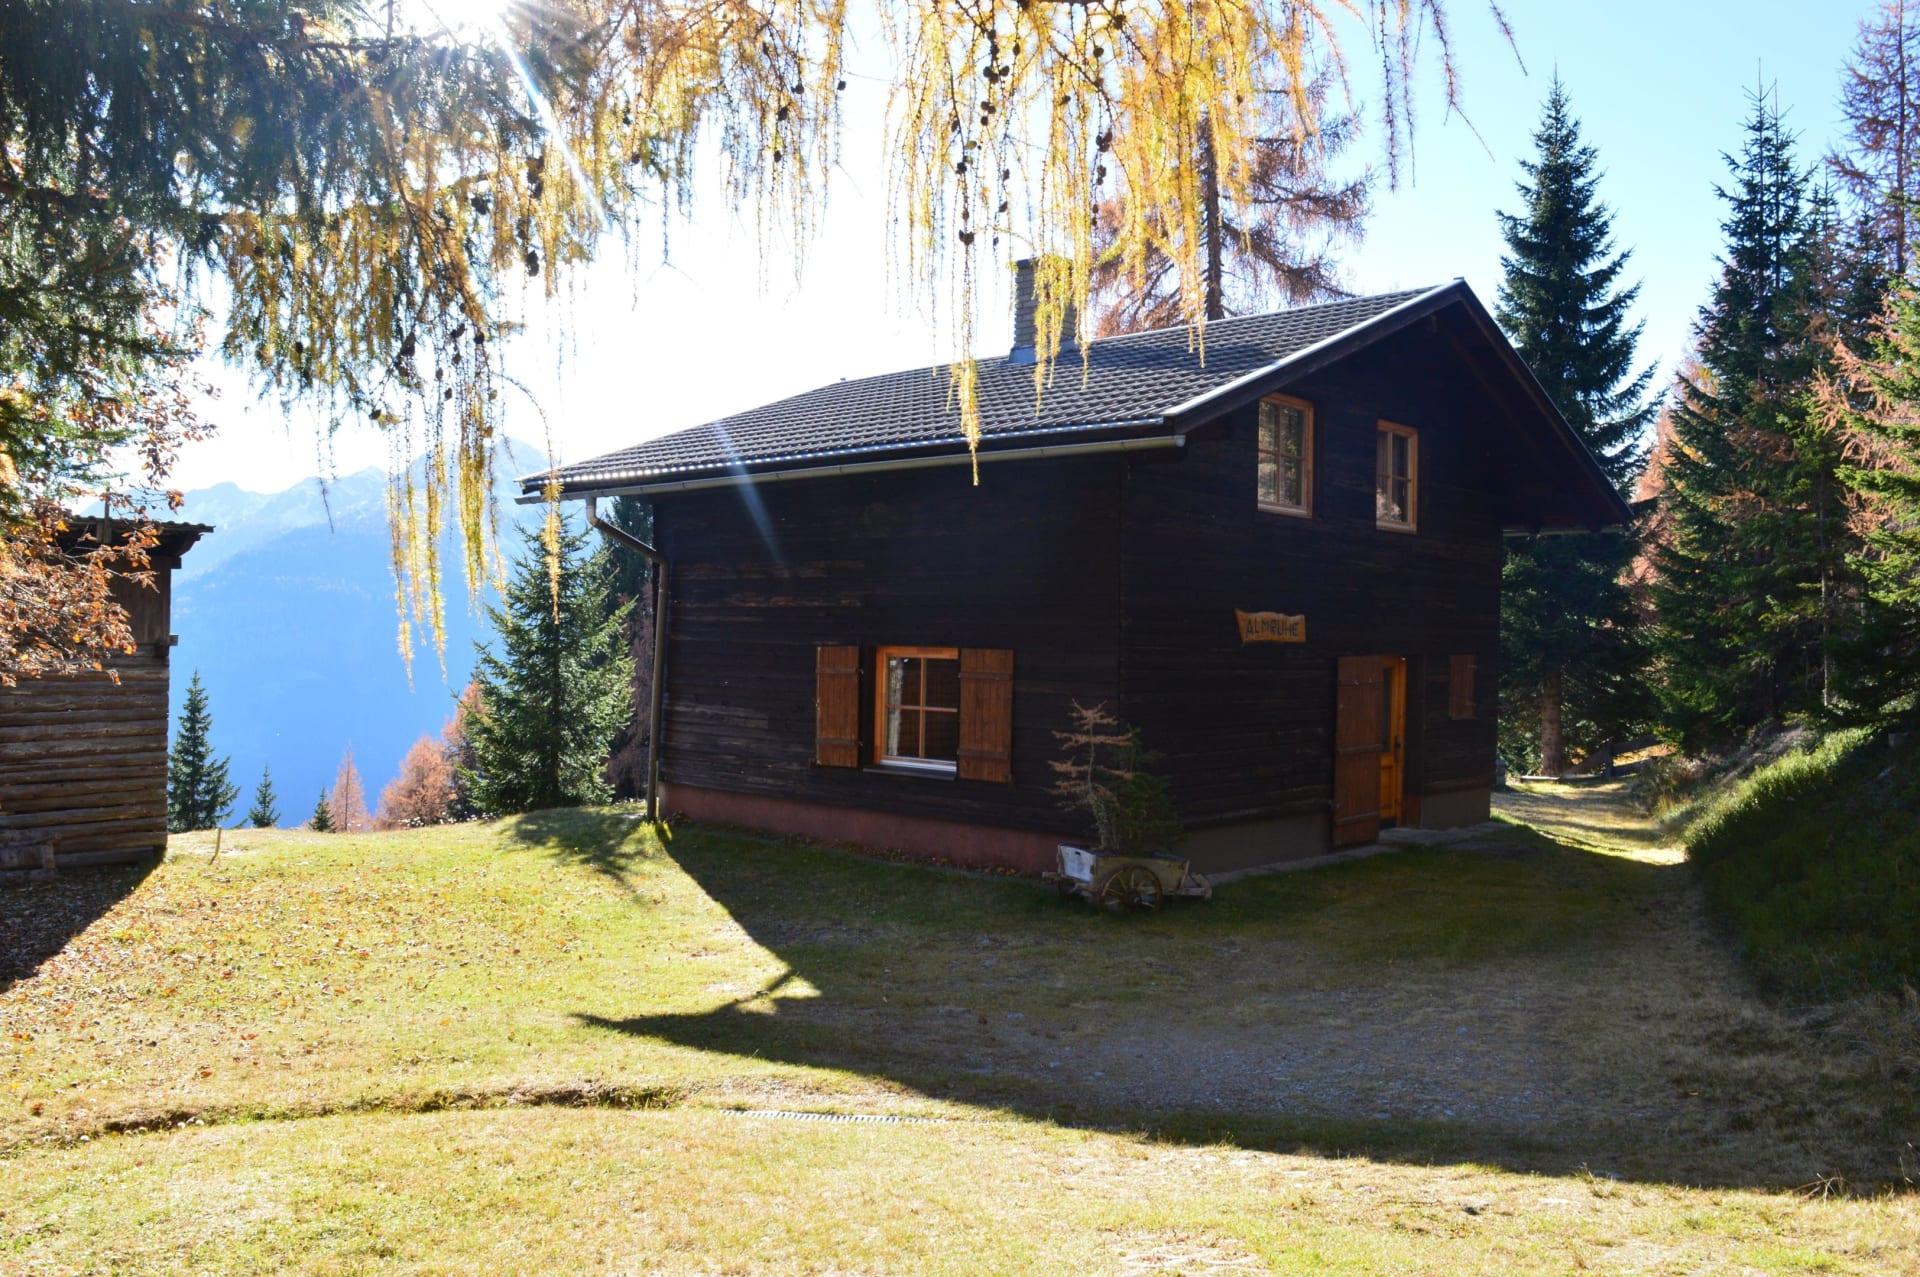 Außenansicht der Hütte